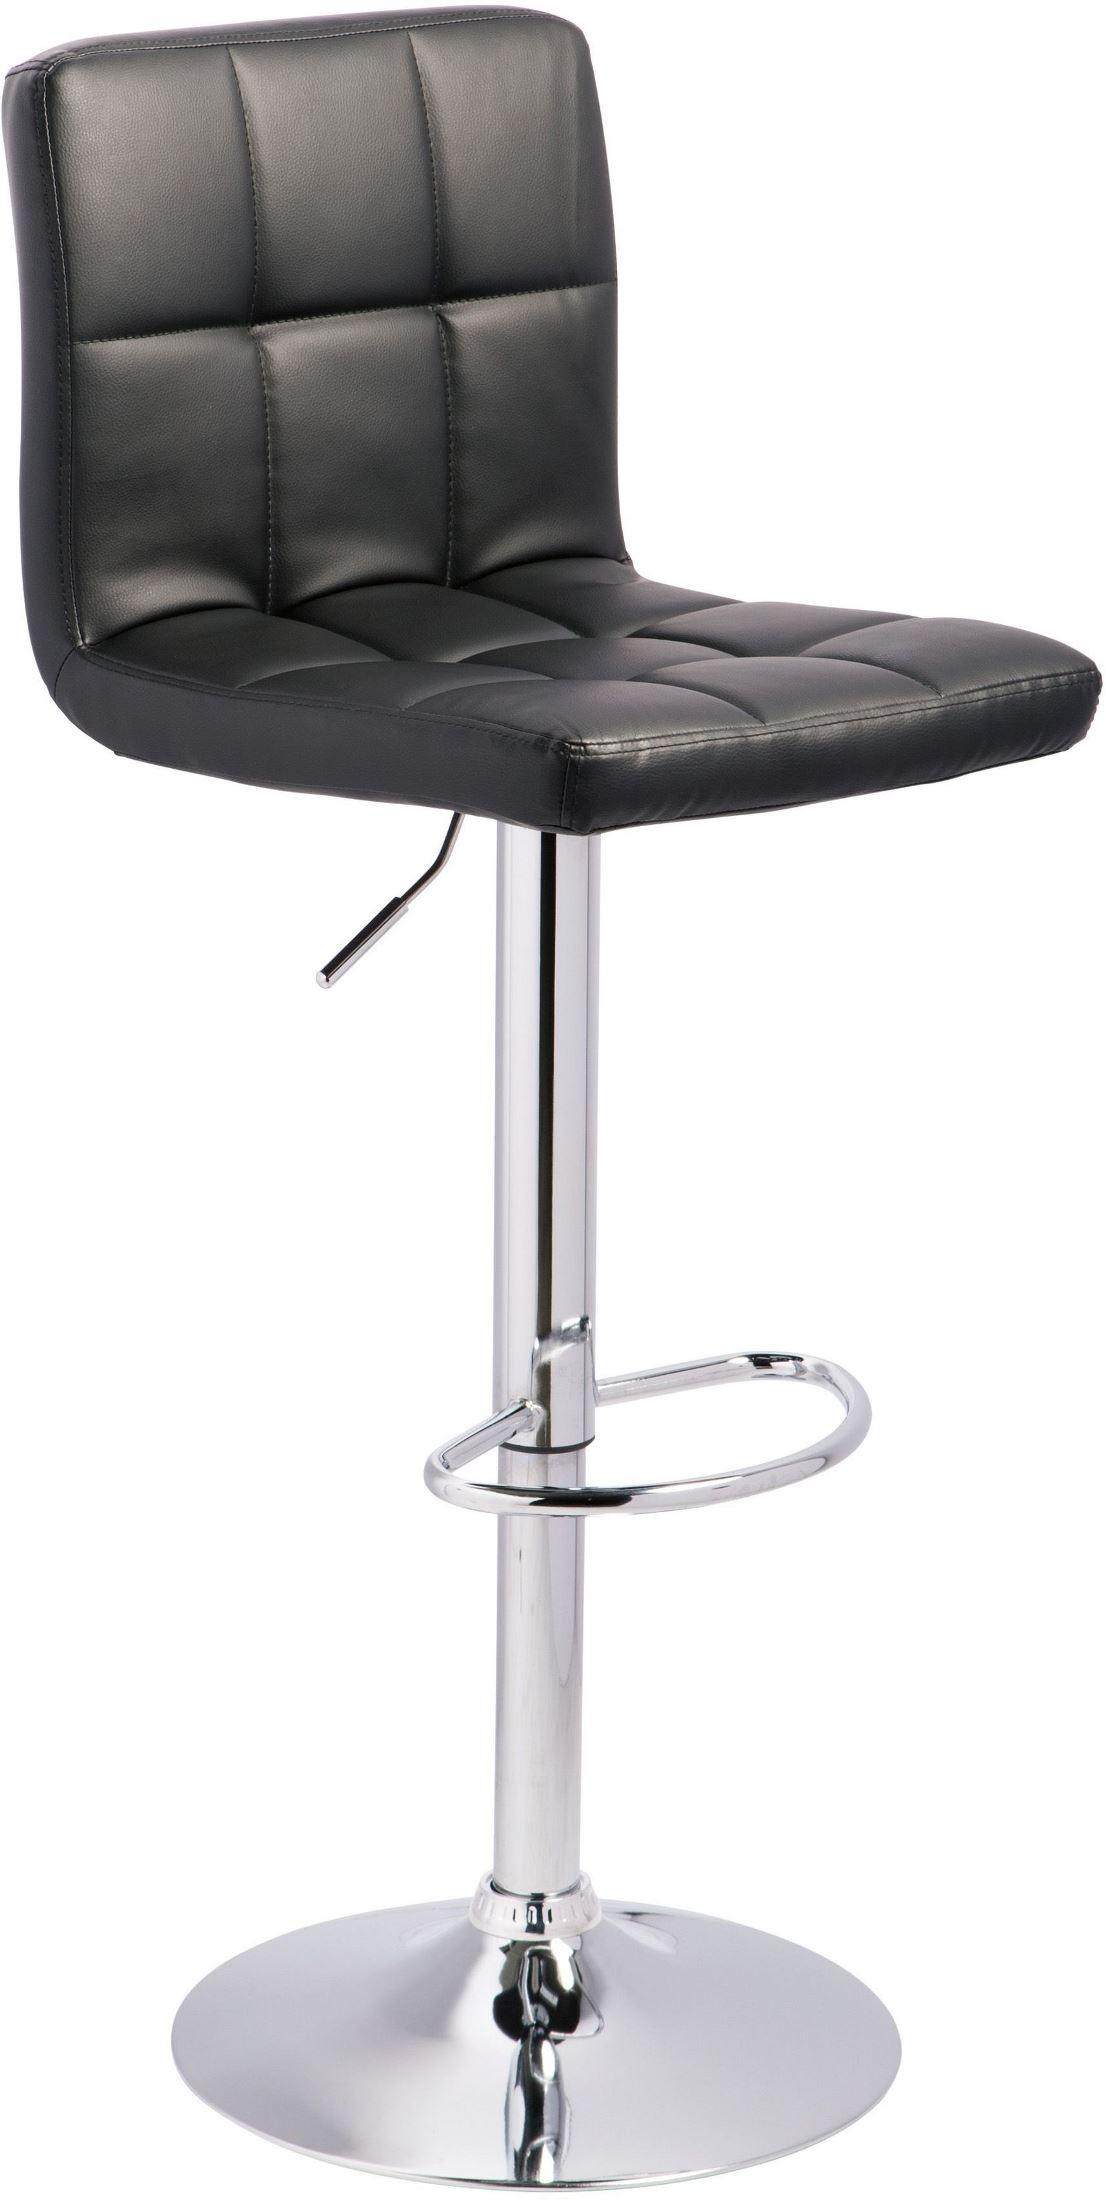 Black And Chrome Tall Upholstered Swivel Barstool D120